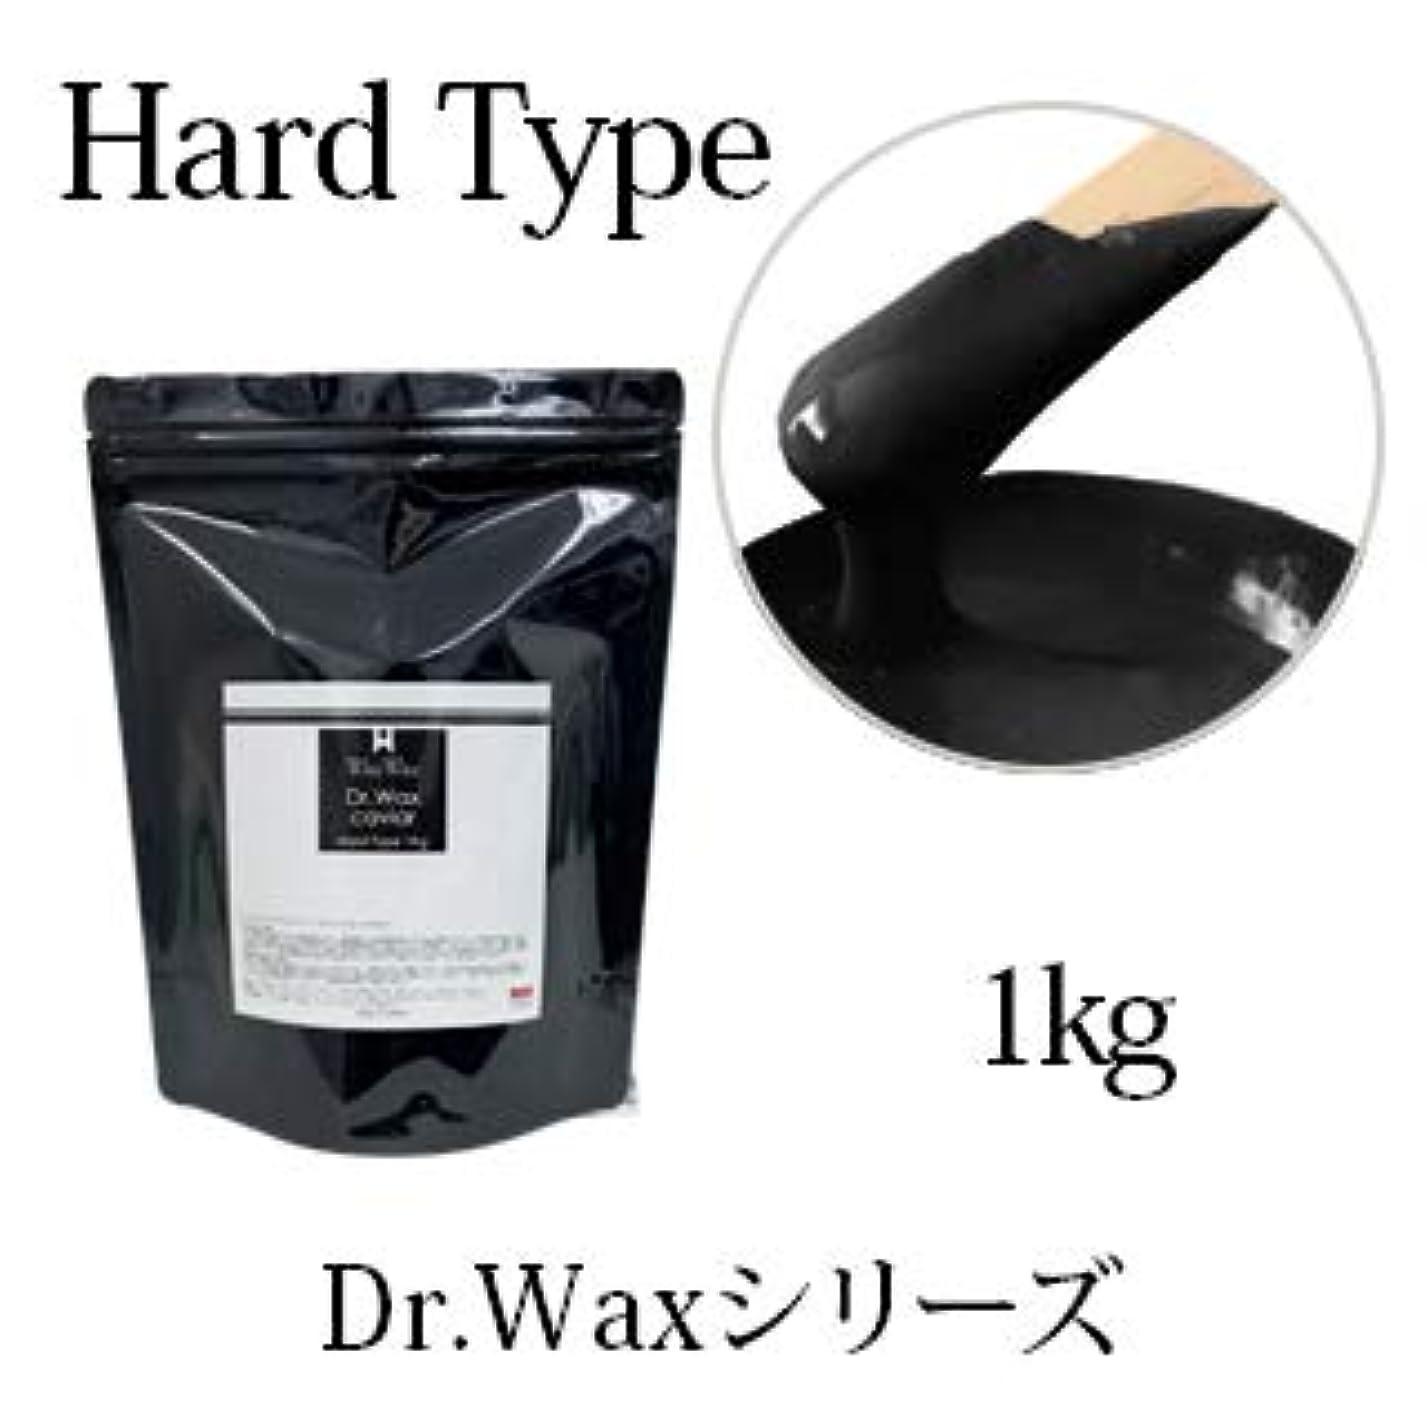 幼児ペスト闘争【Dr.waxシリーズ】ワックス脱毛 粒タイプ 紙を使用しない ハードワックス (キャビア 1kg)